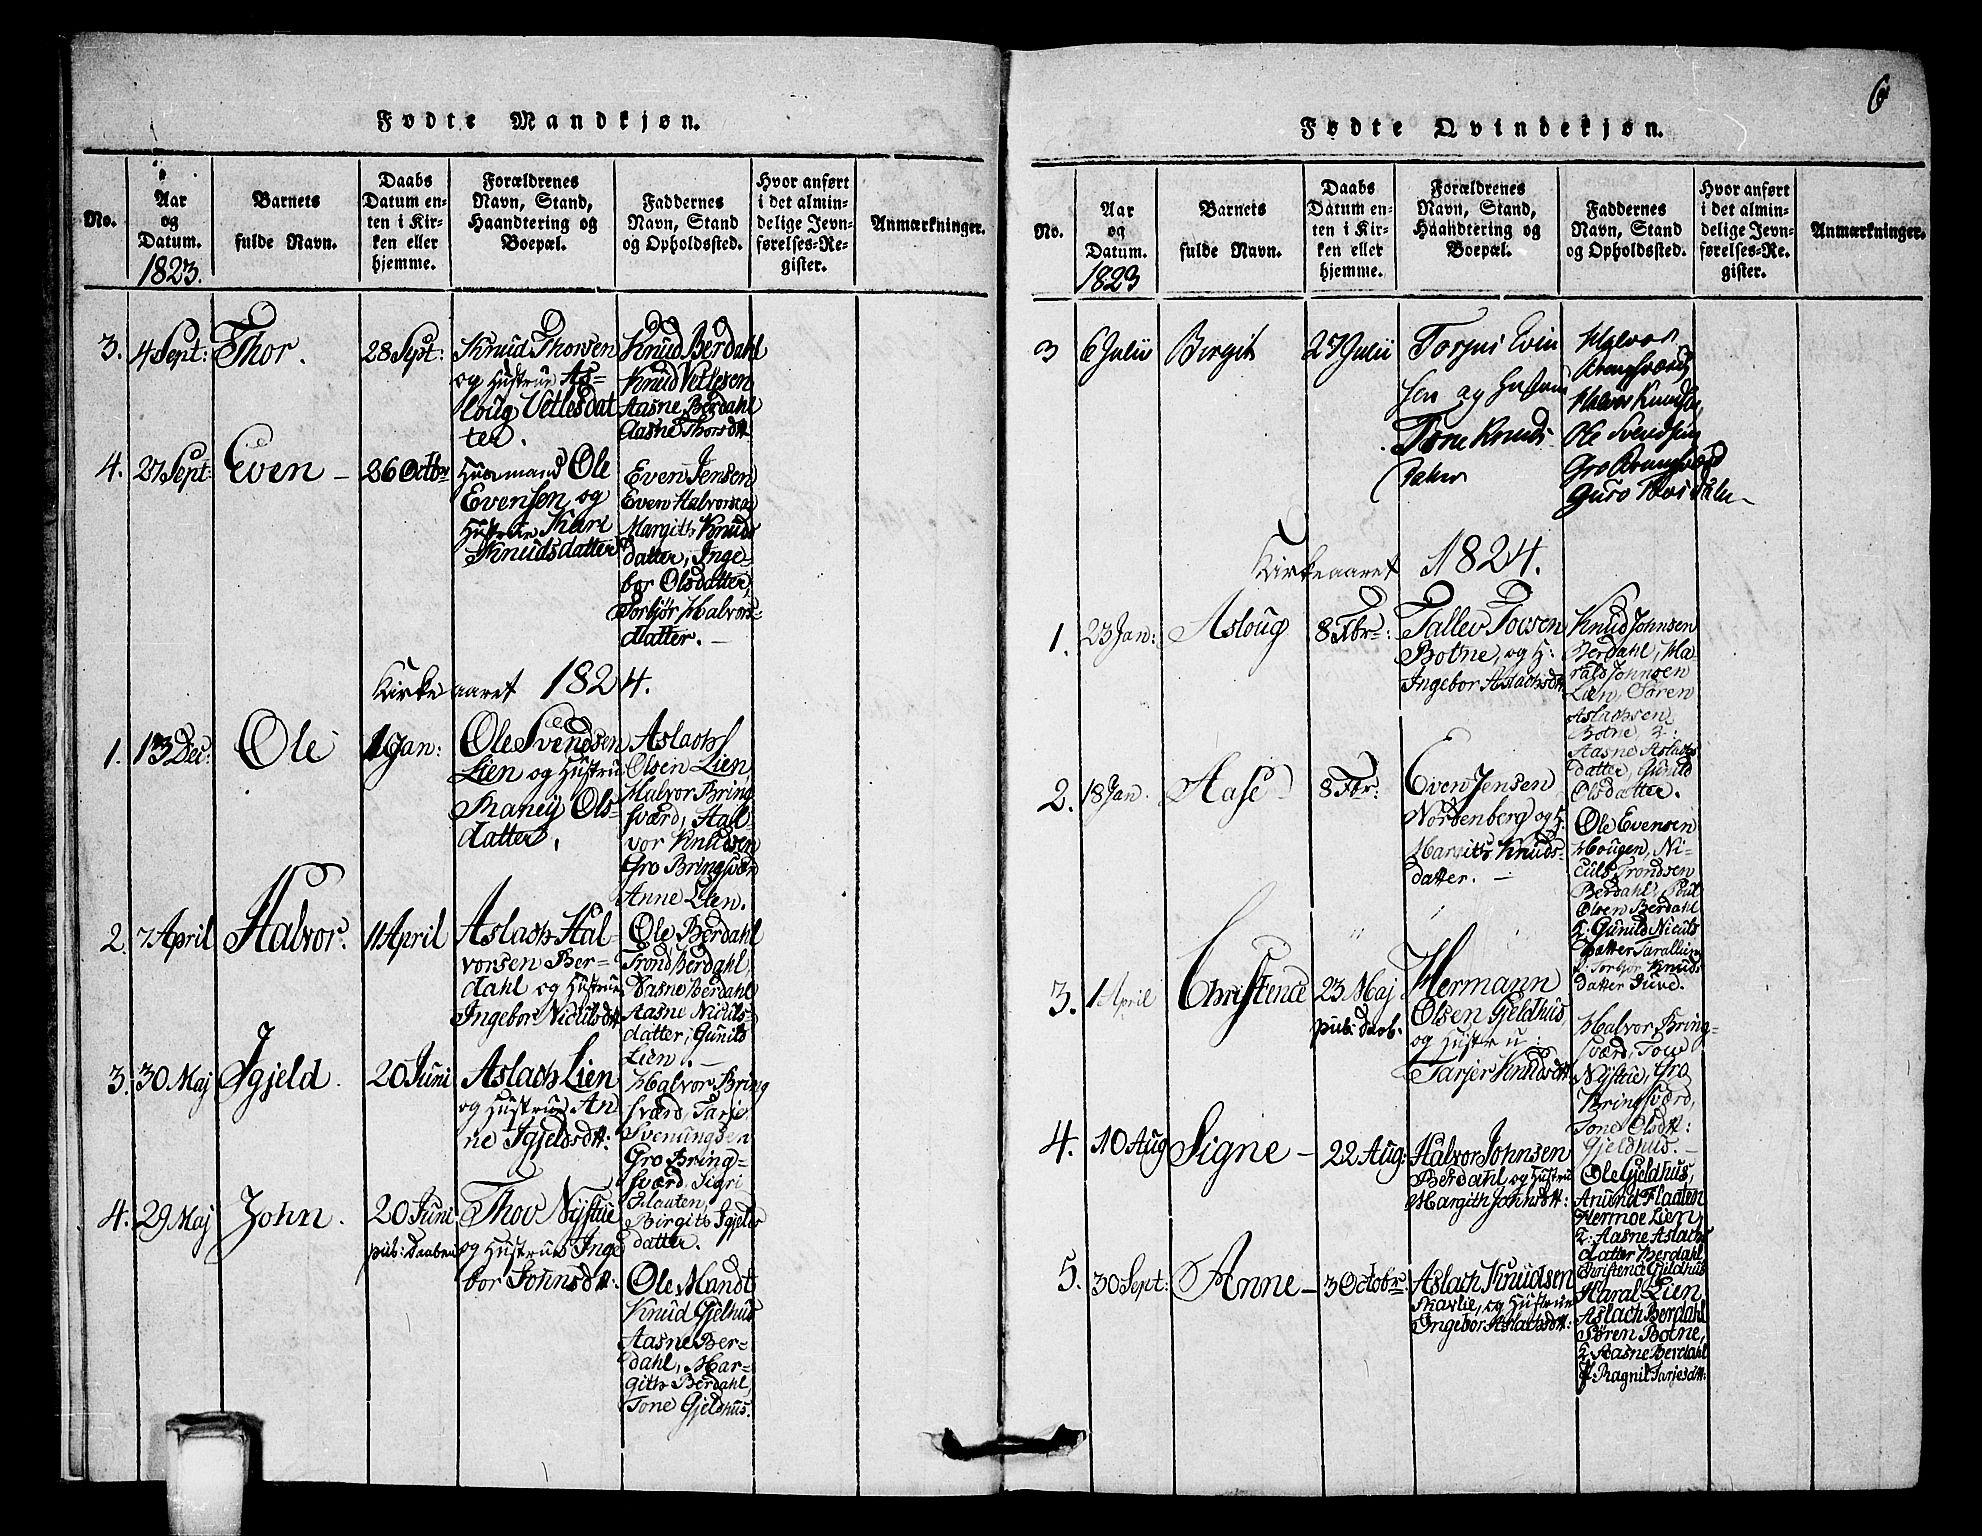 SAKO, Vinje kirkebøker, G/Gb/L0001: Klokkerbok nr. II 1, 1814-1843, s. 6